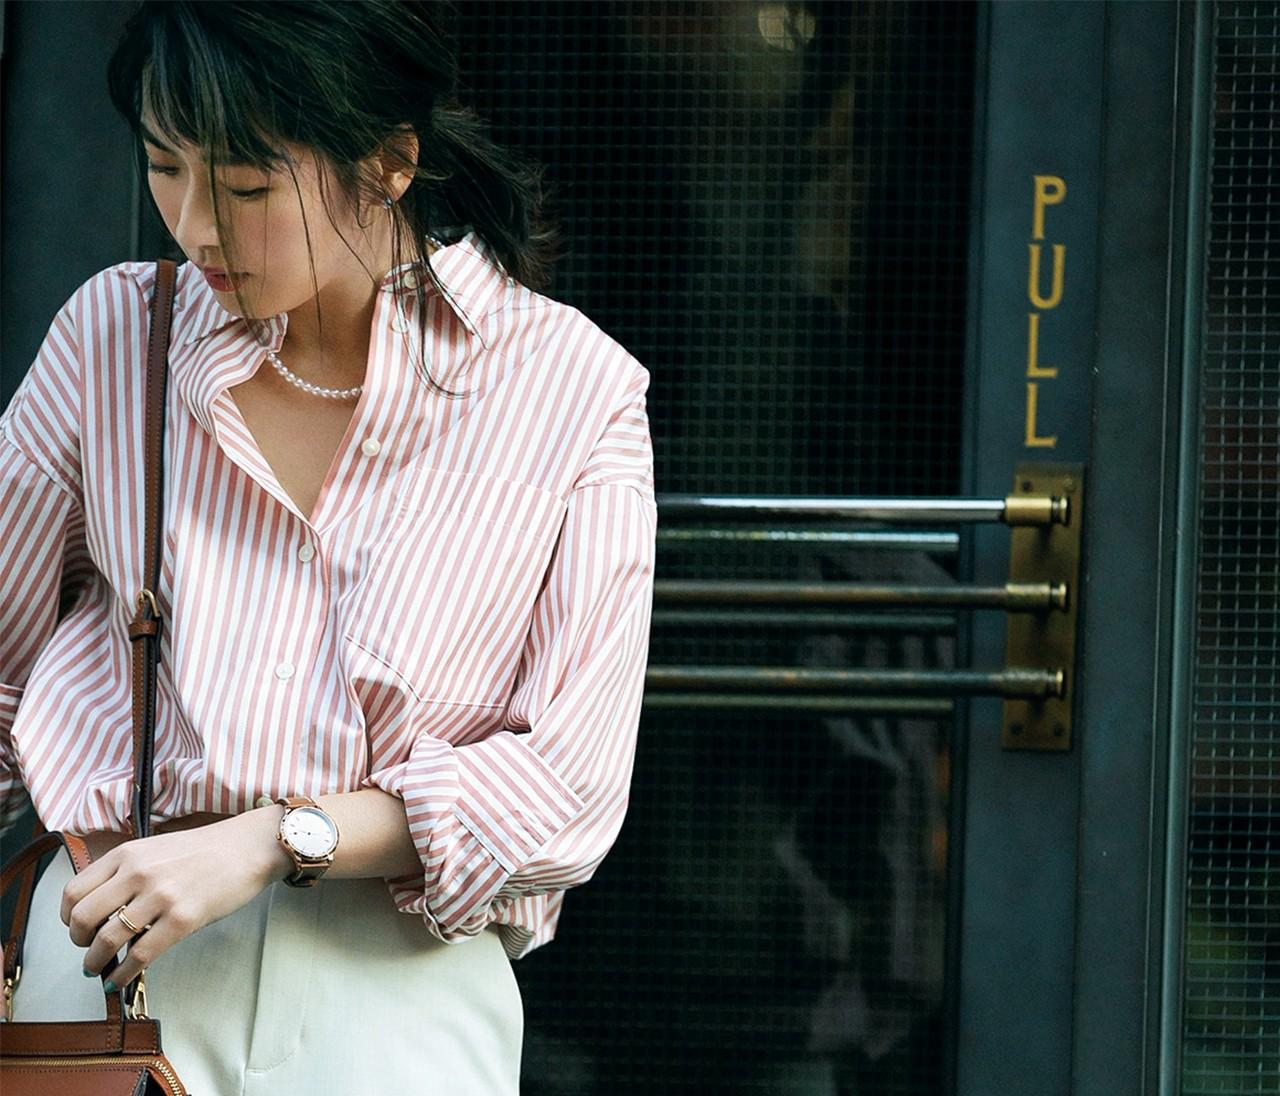 【伊藤真知さんの春いちユニクロ】「ピンクストライプシャツ」は女っぽ&今っぽく着る!